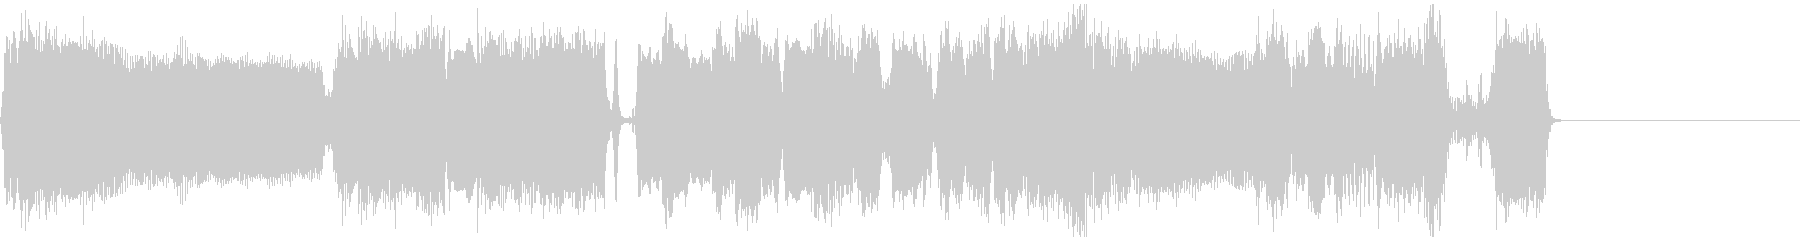 クールなエレキギターアイキャッチ3の未再生の波形